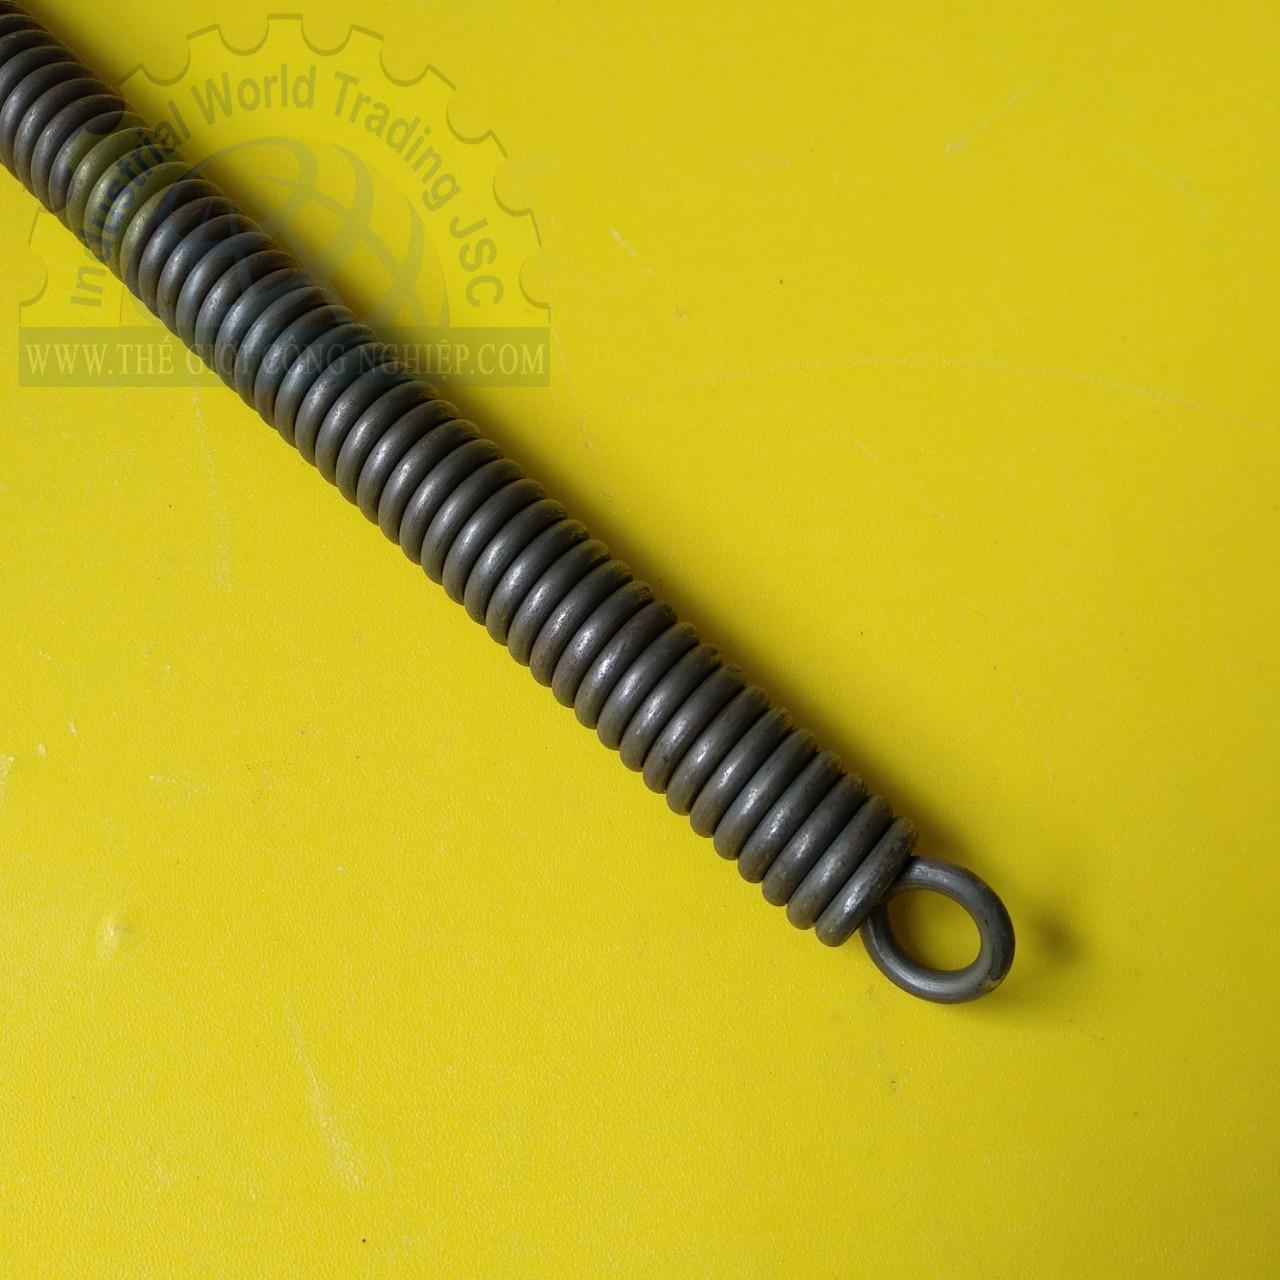 Lò xo kéo, đường kính phi 20, cọng 4.5, dài 500mm  TGCN-44326 OEM-2042